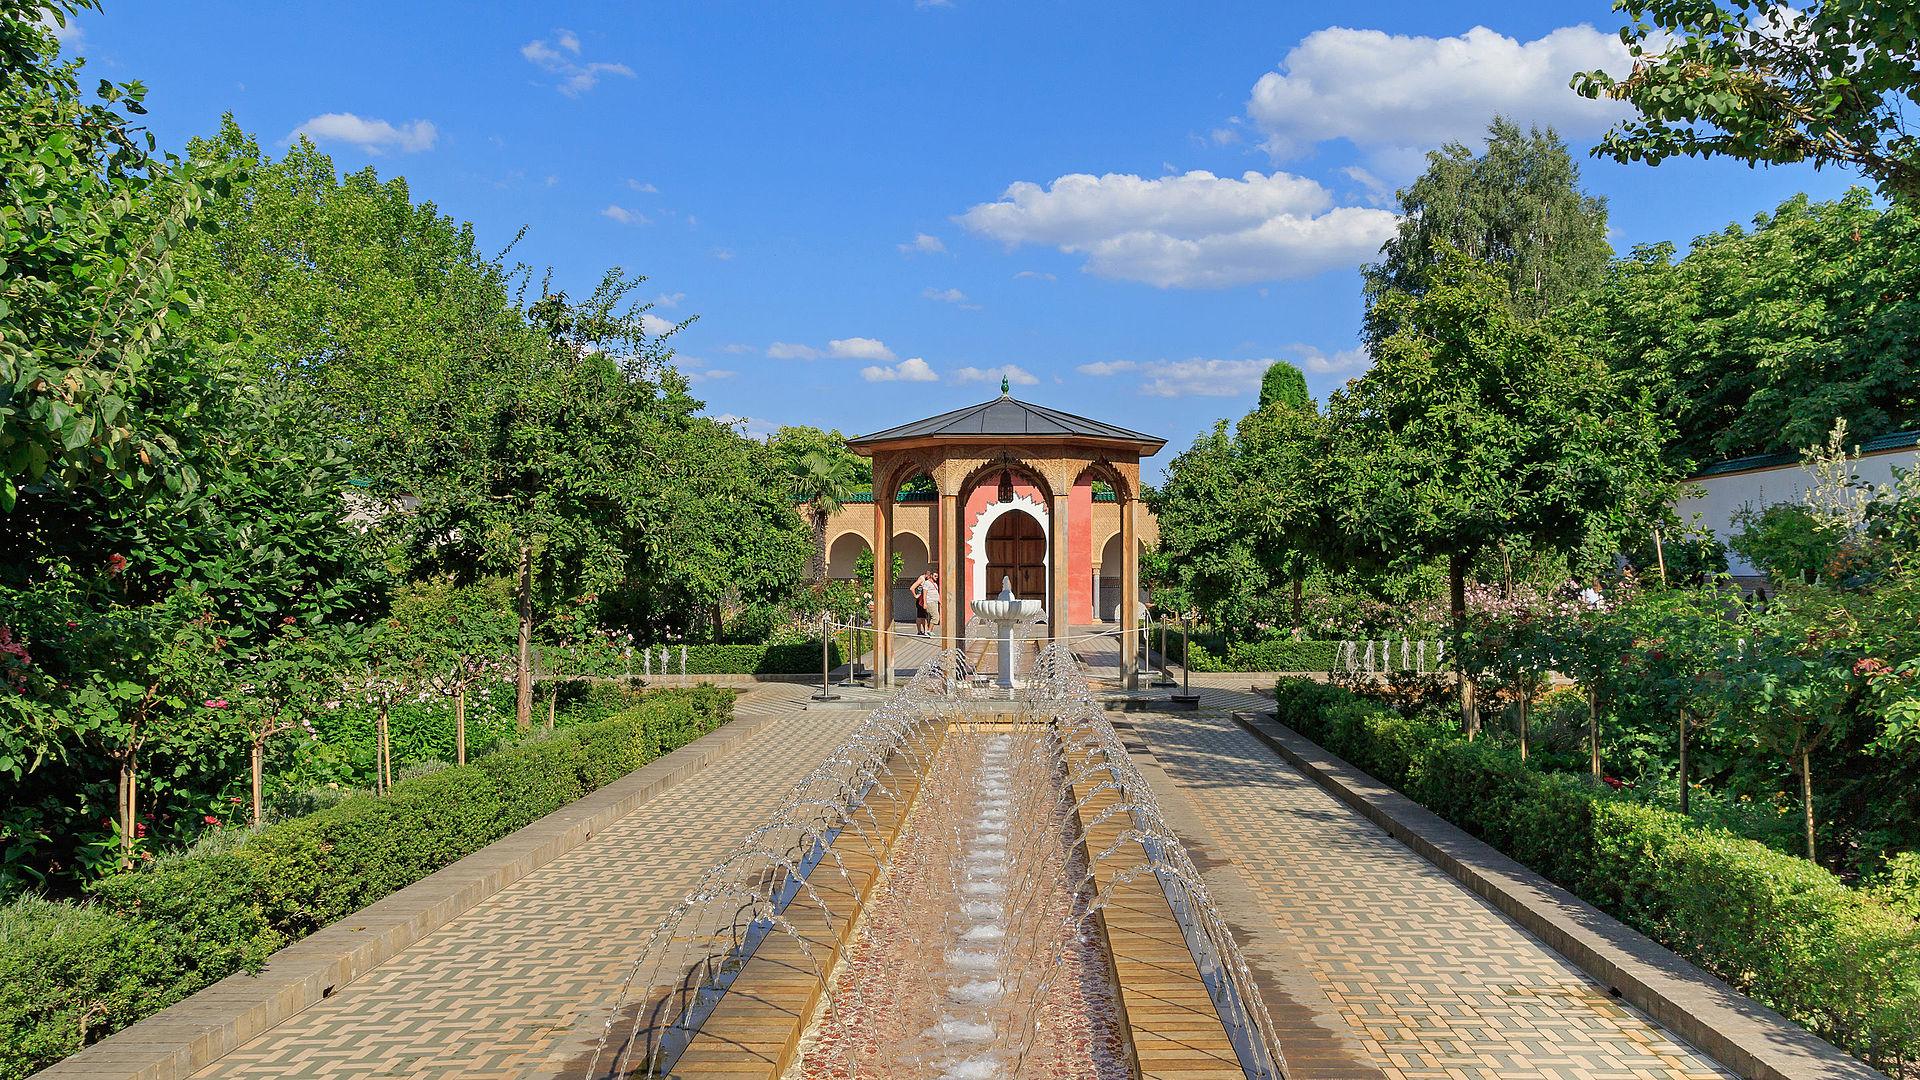 Bild Gärten der Welt im Erholungspark Berlin Marzahn